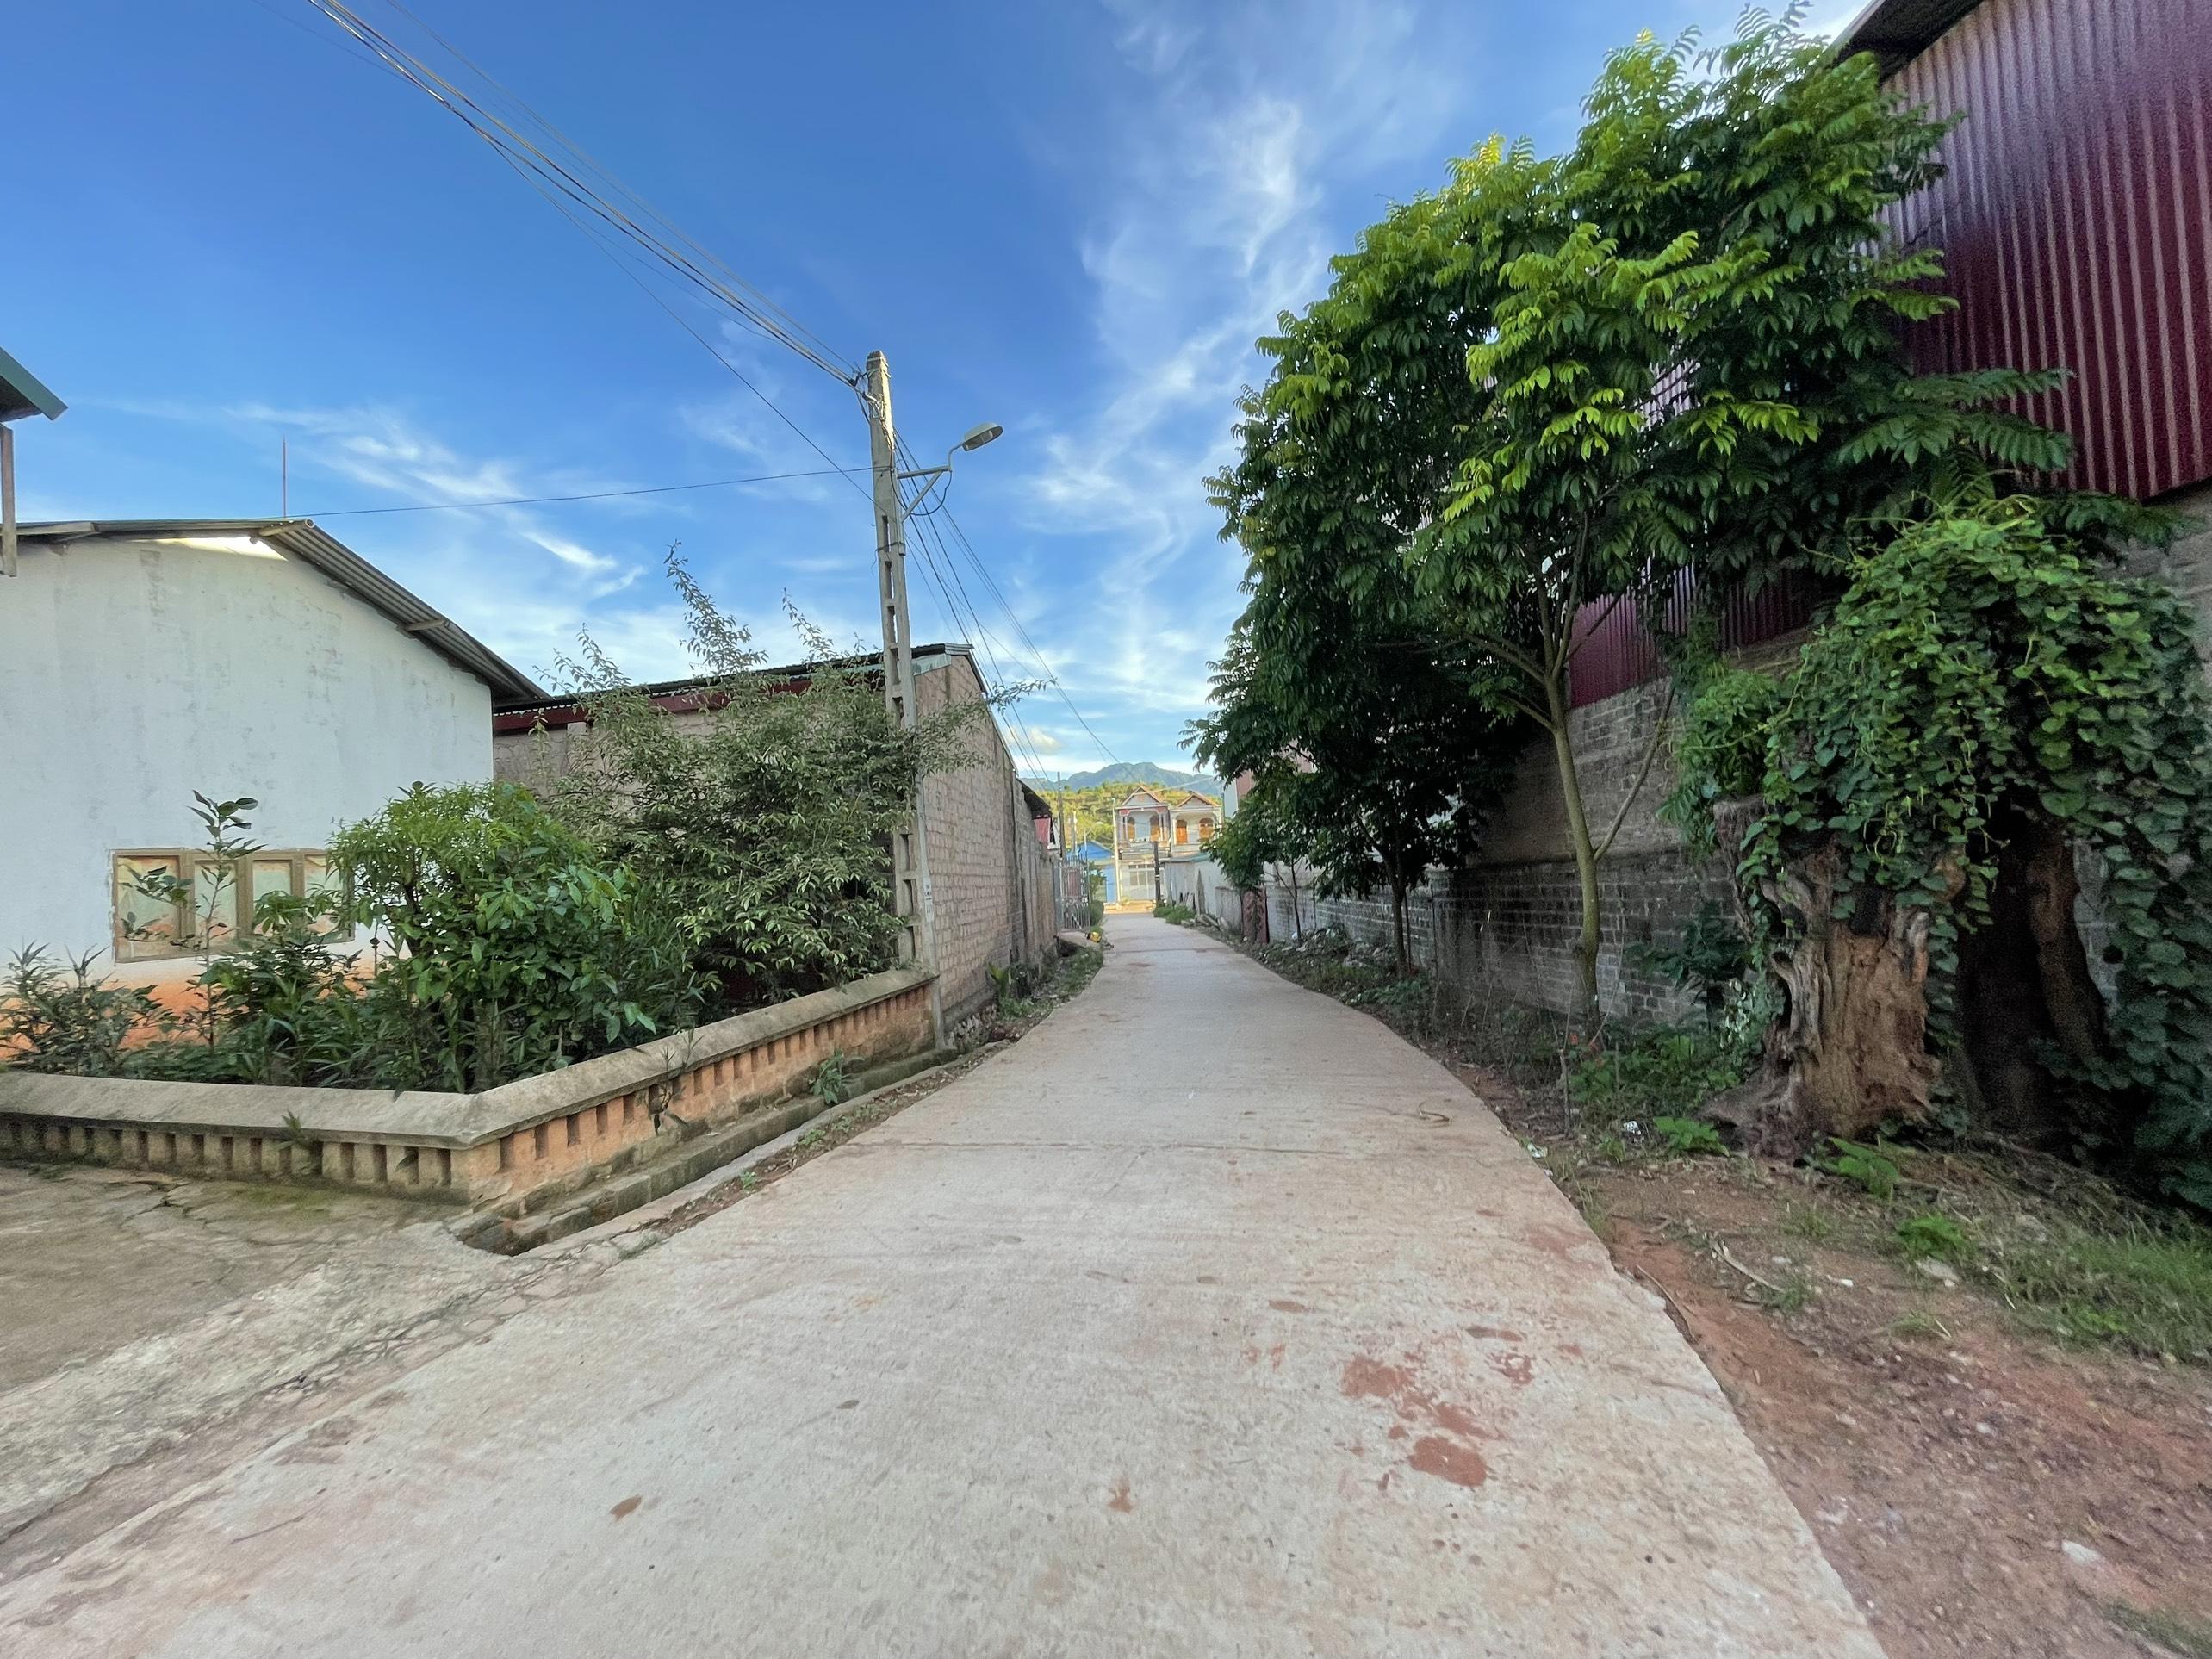 Bán lô đất 960m tại Mộc Châu - View siêu đẹp giá đầu tư